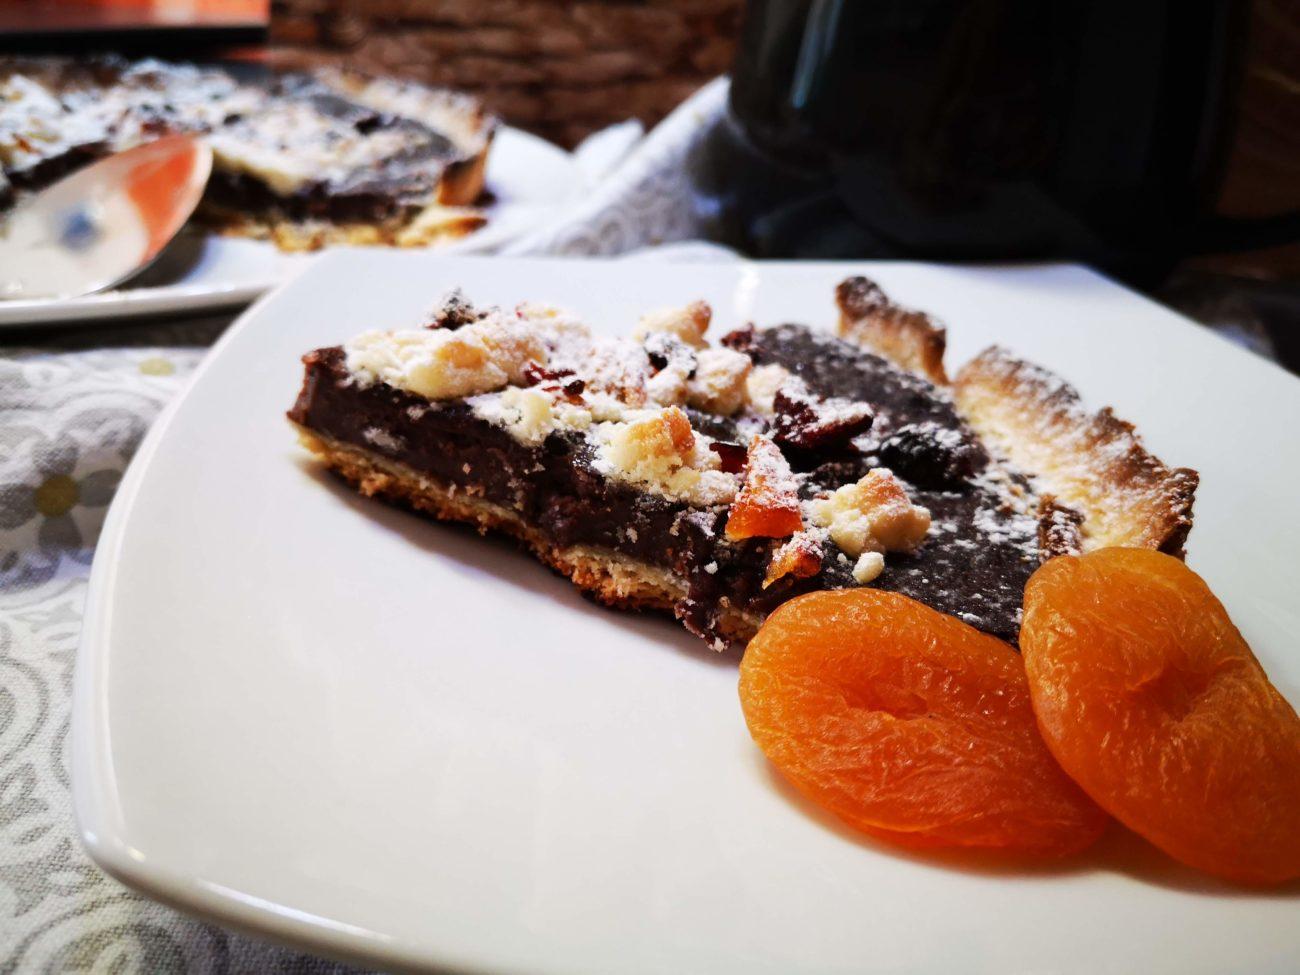 Crostata con crema al cioccolato, albicocche e mirtilli rossi